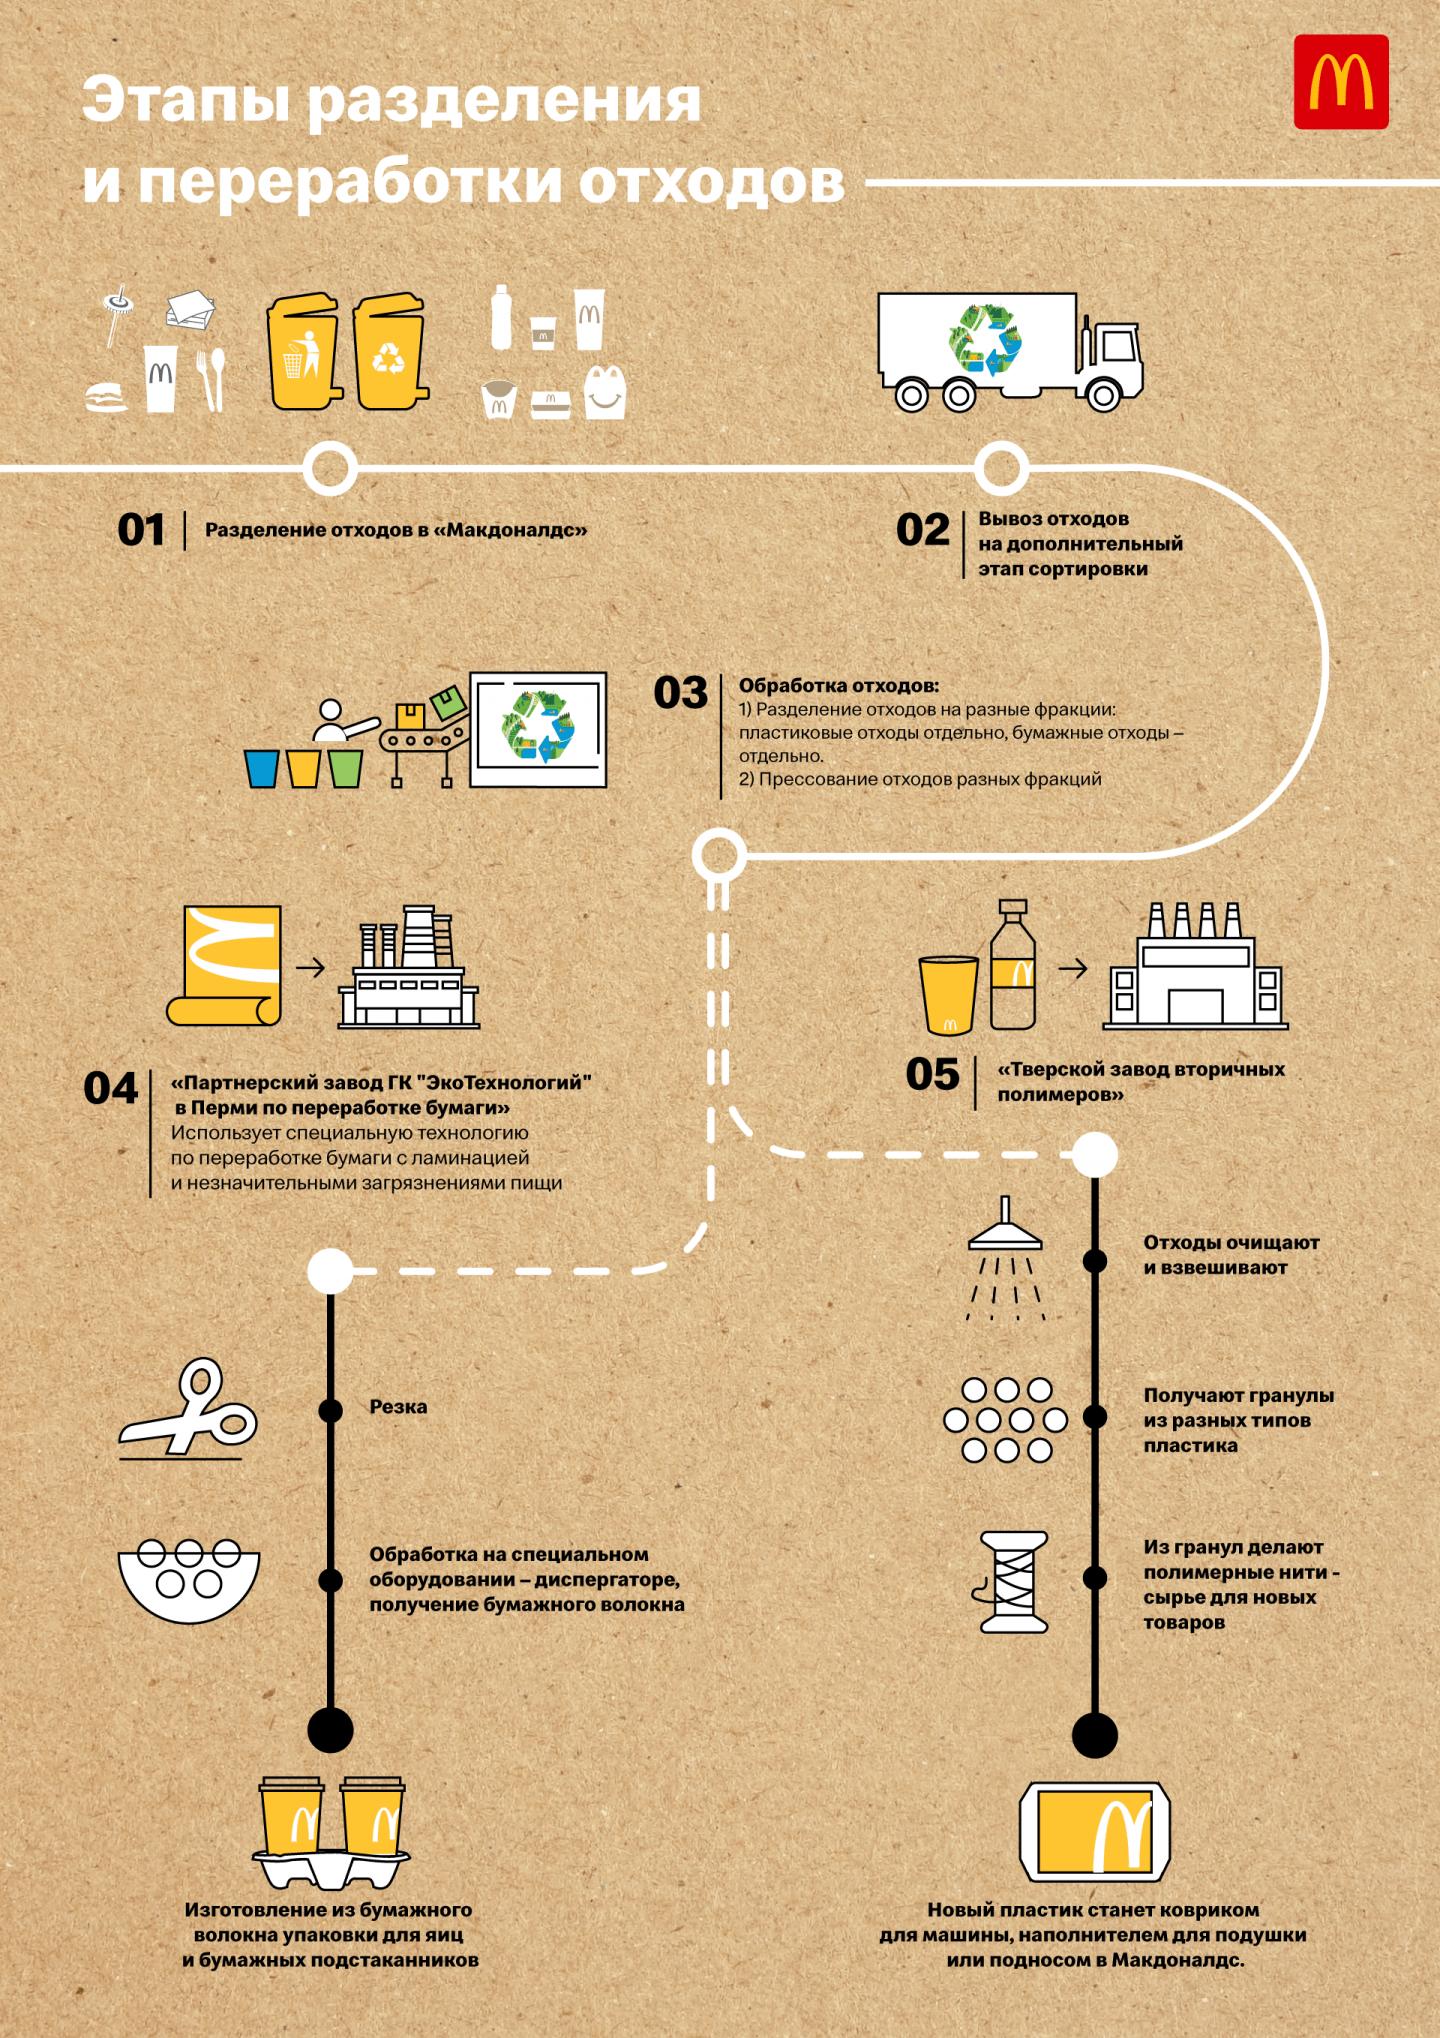 этапы разделения и переработки отходов